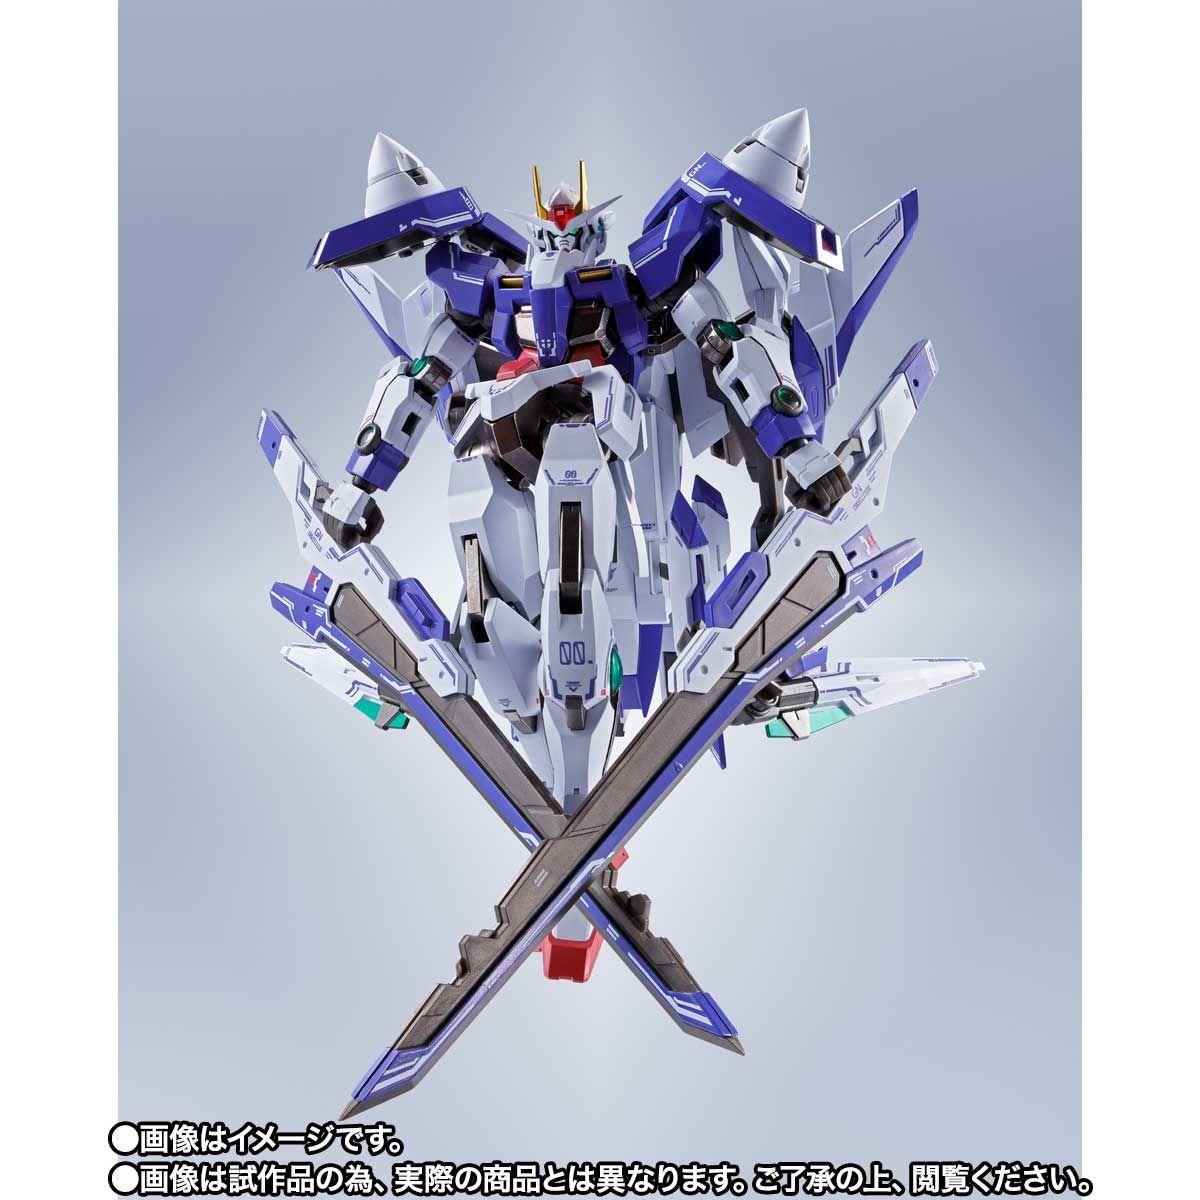 METAL ROBOT魂 ダブルオーザンライザーセブンソード_GNソードIIブラスターセット14